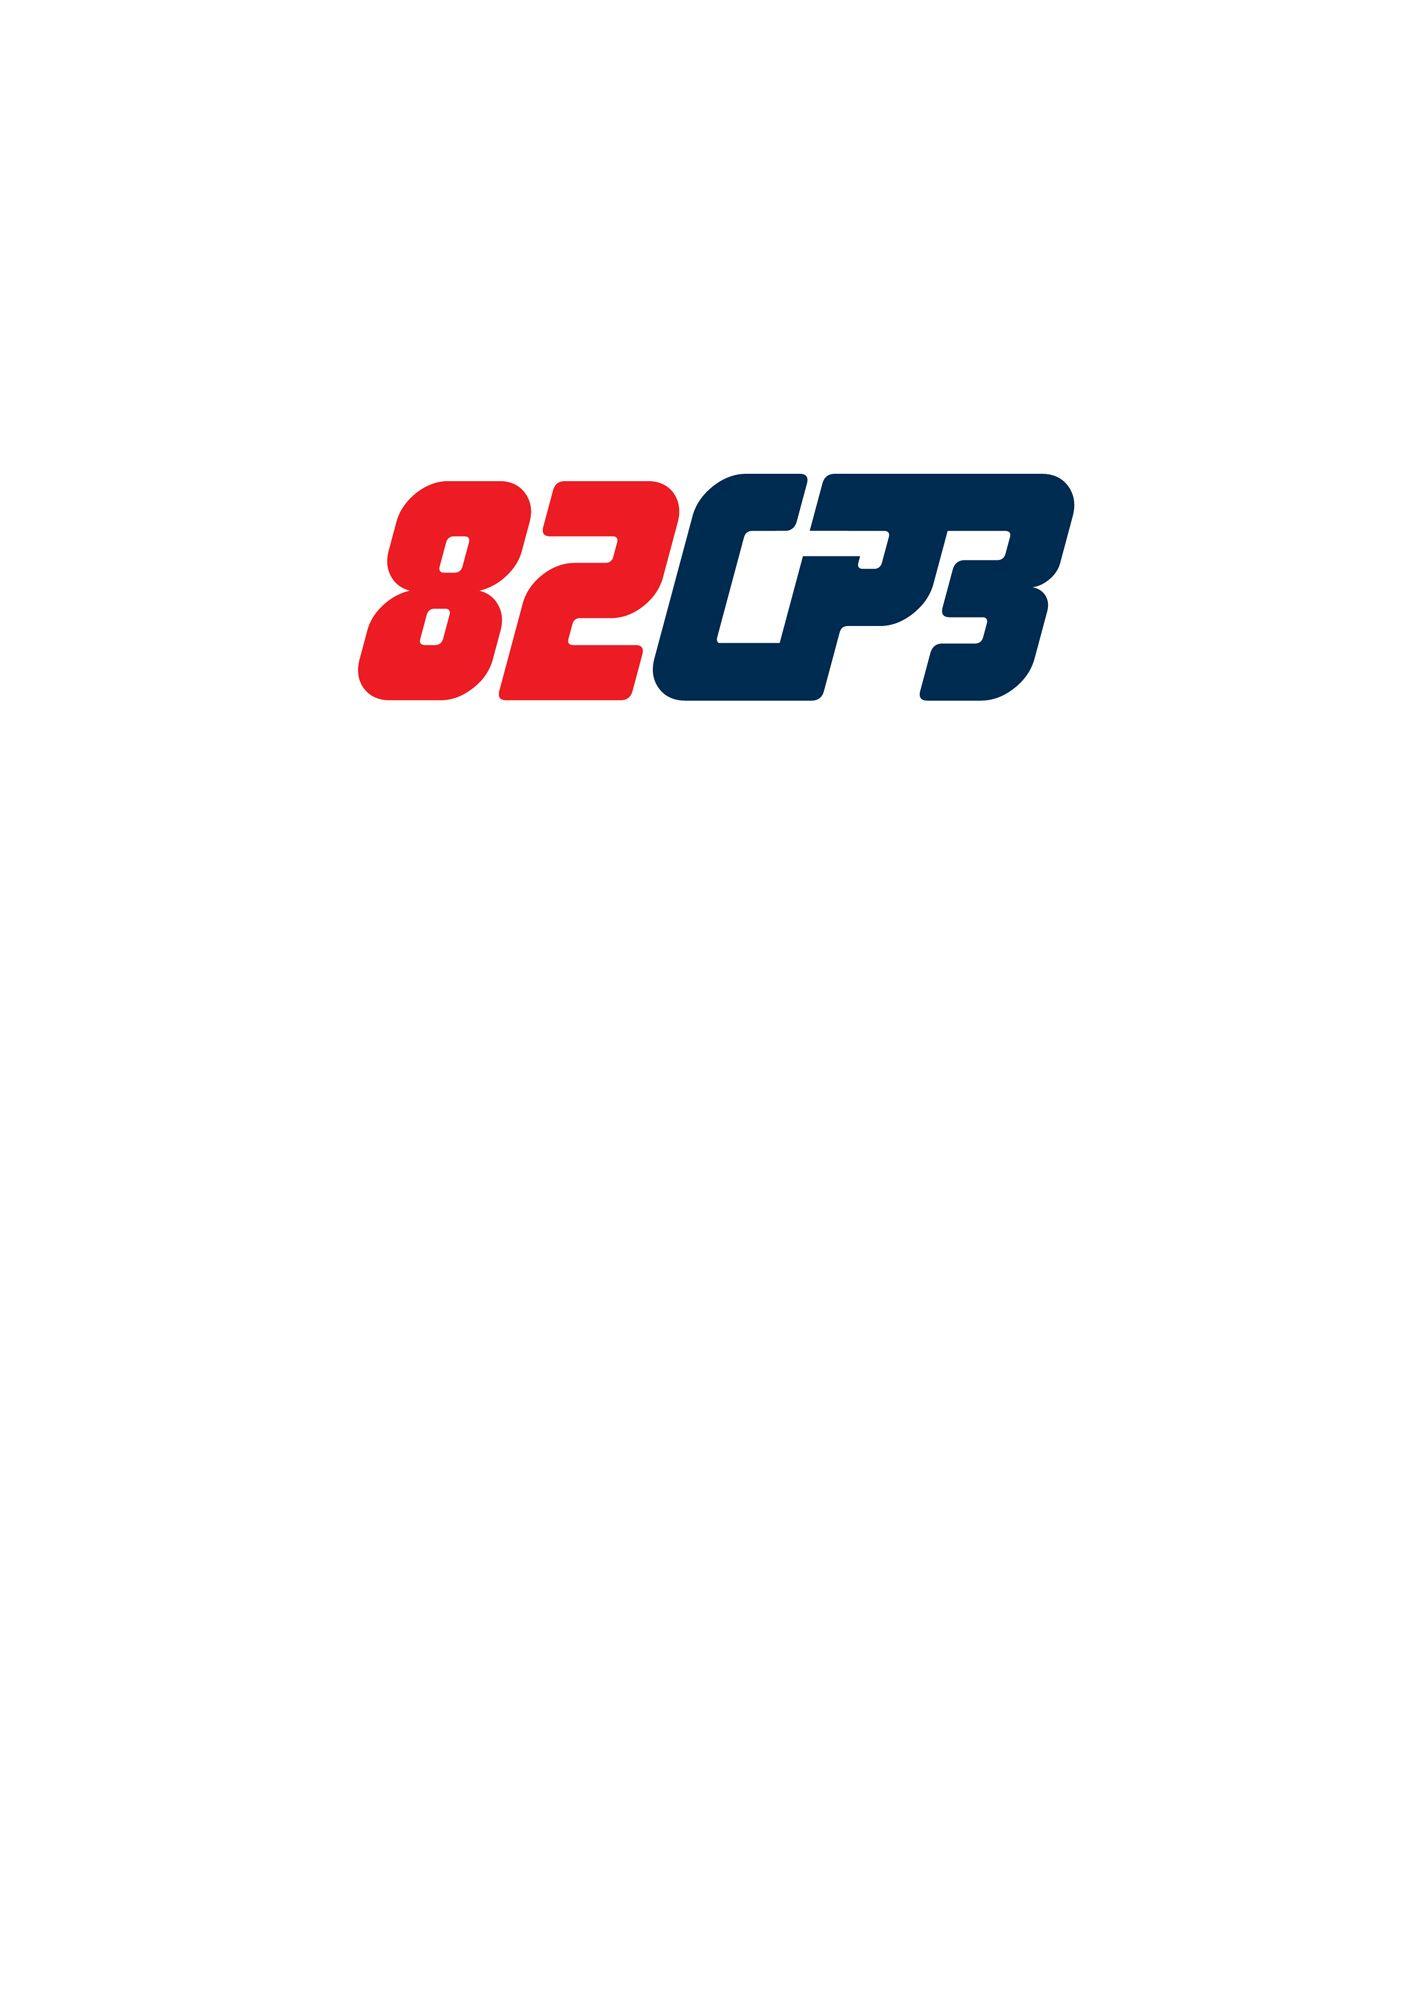 Логотип для судоремонтного завода - дизайнер Paroda